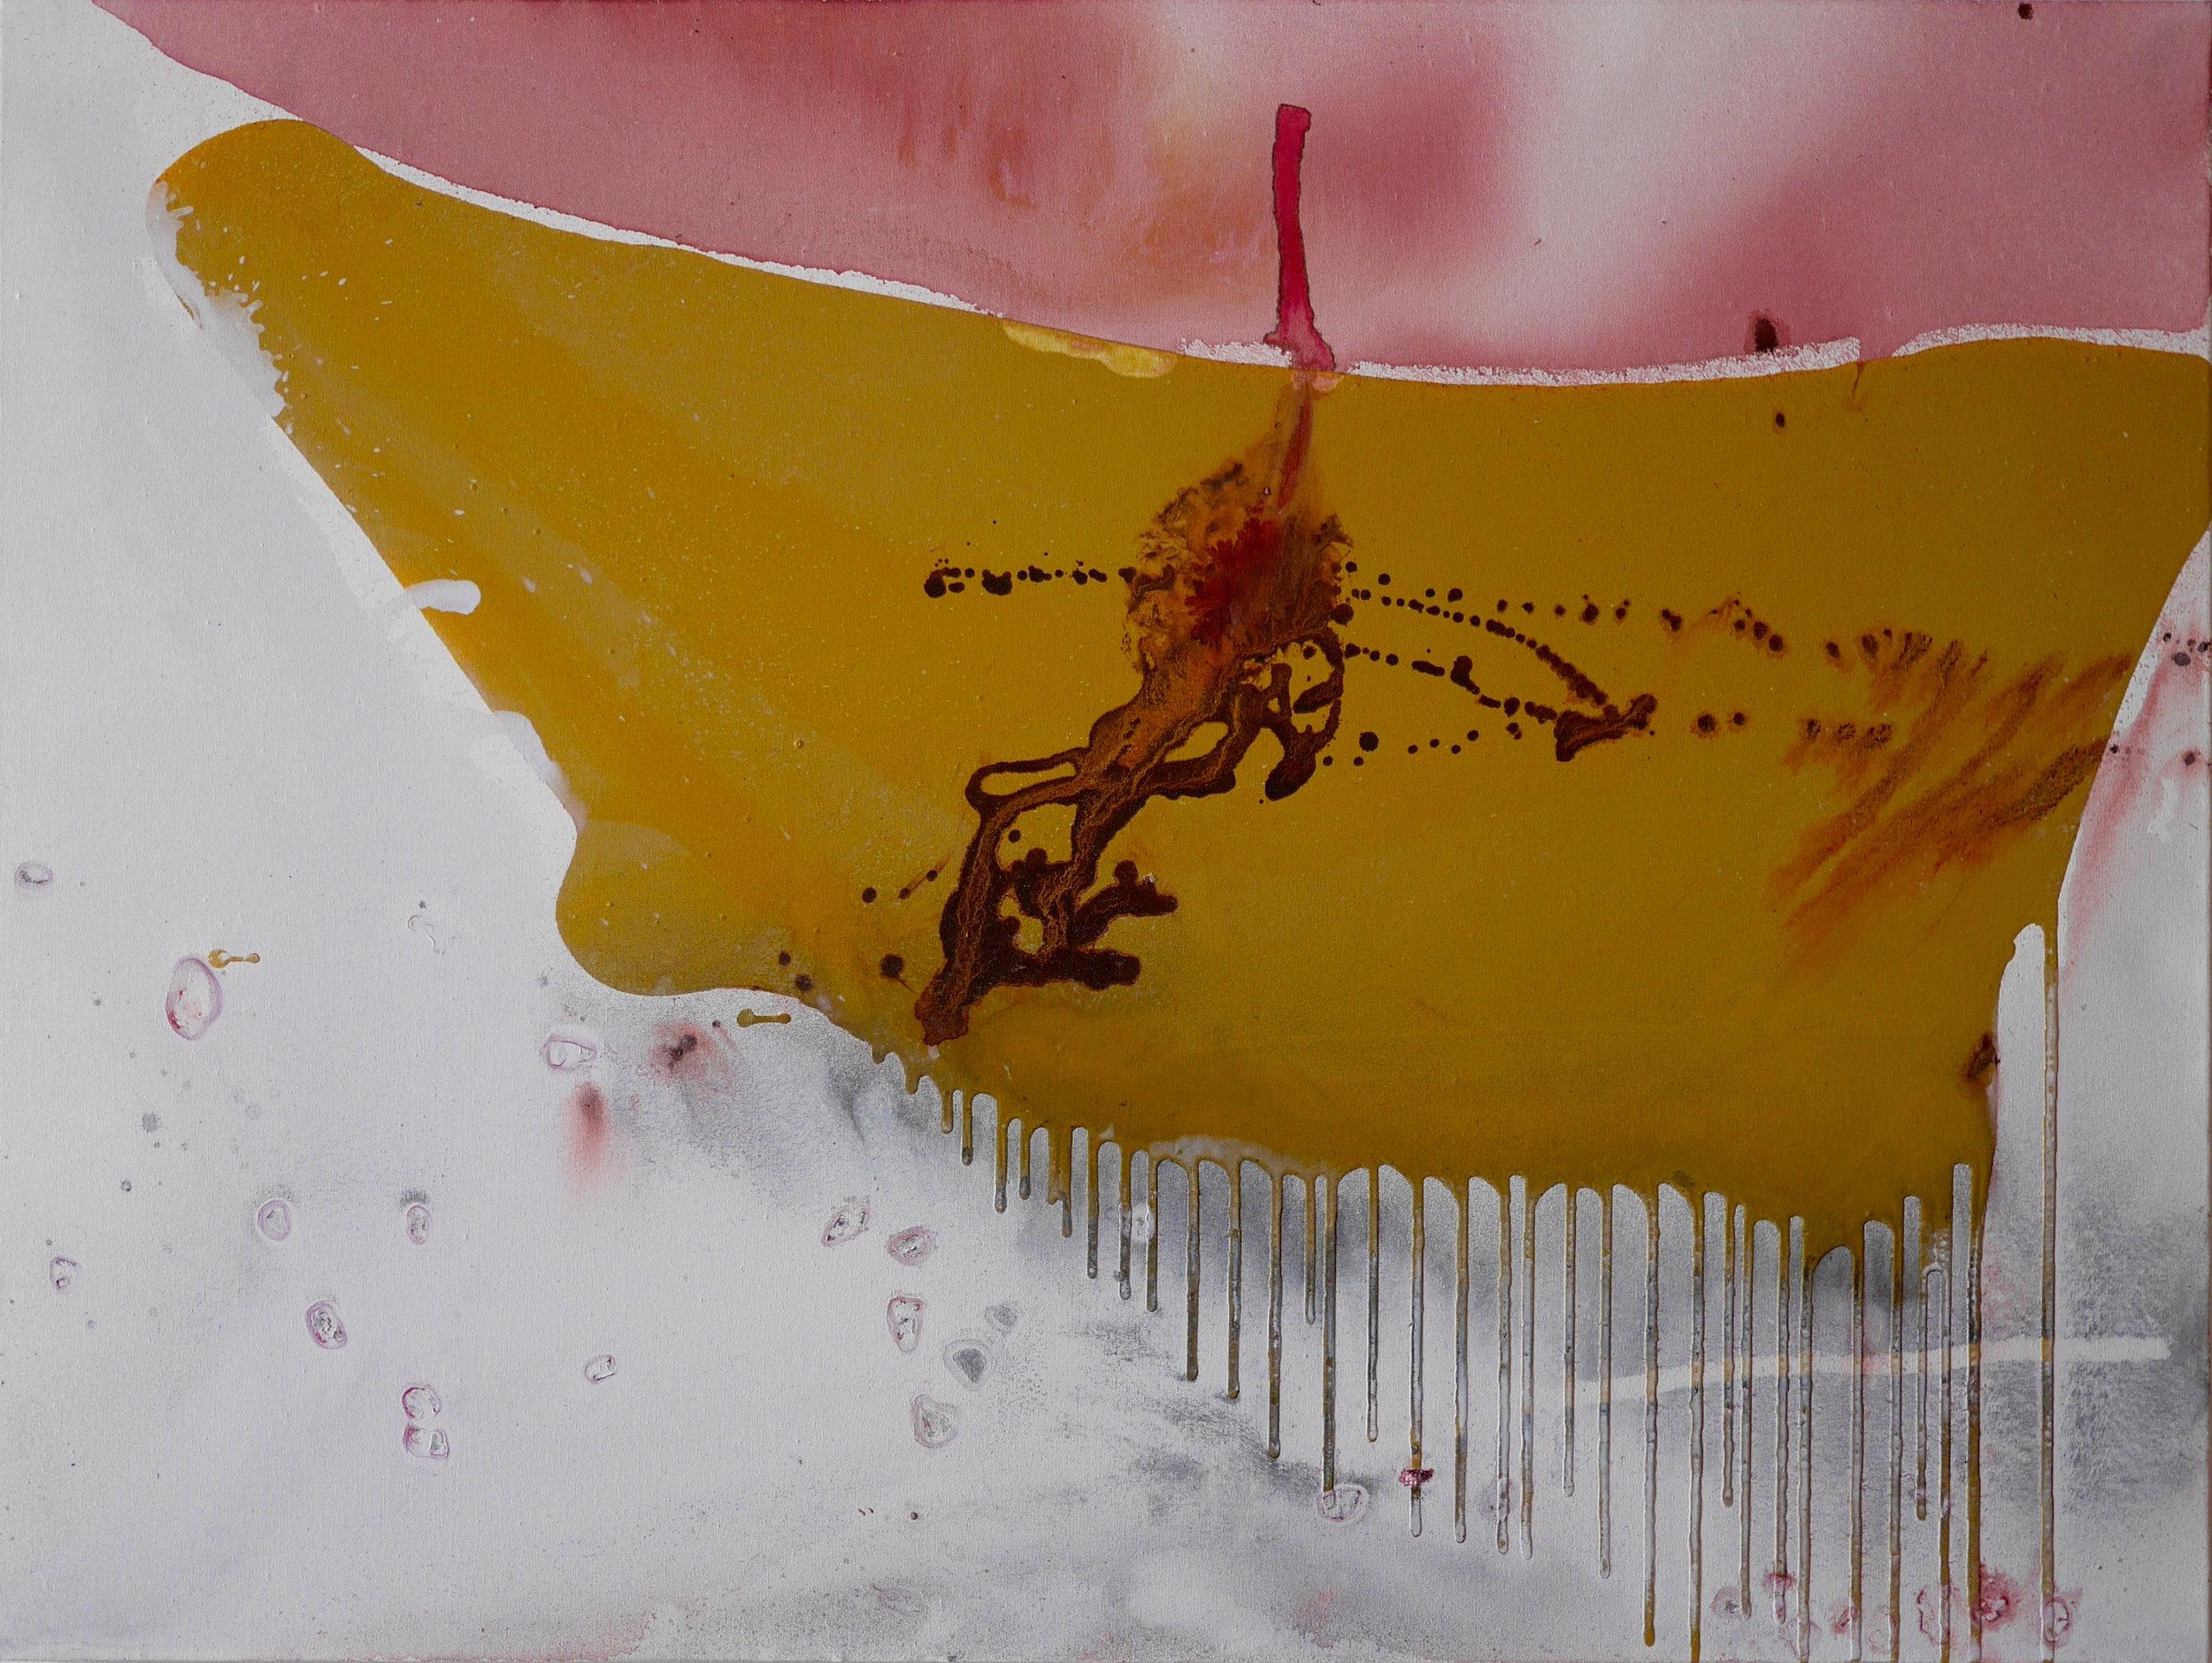 Permissum Pluit (Let Rain)